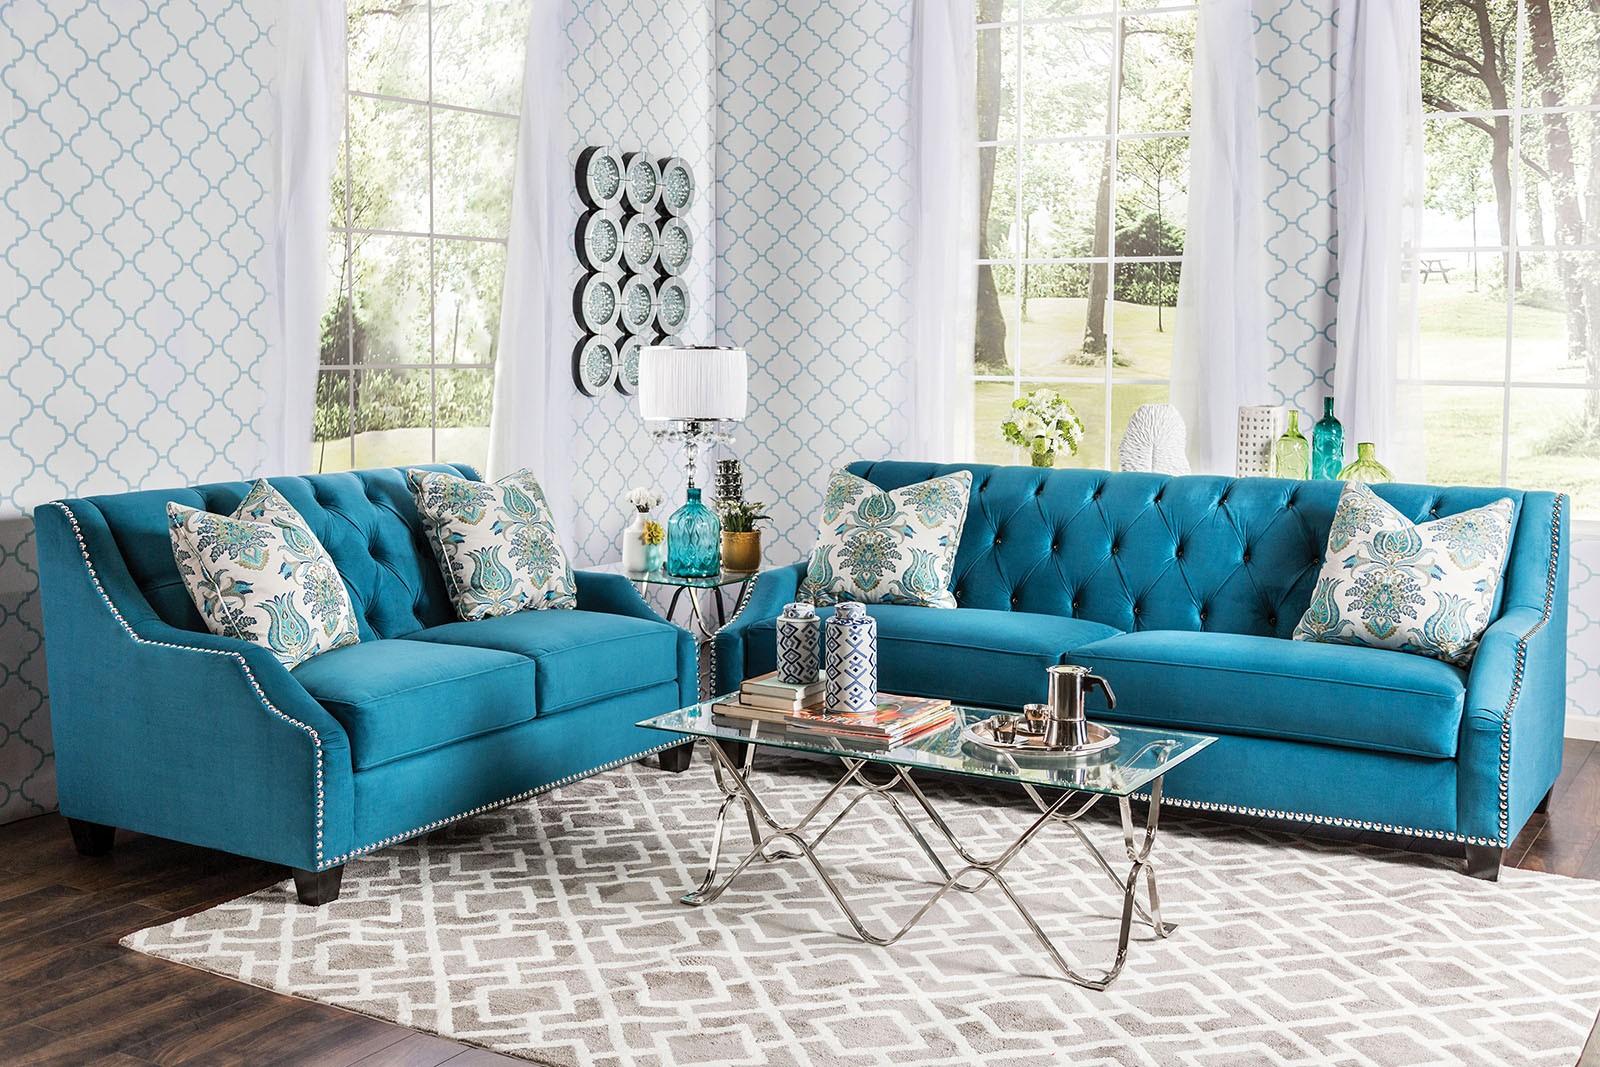 Celeste Azure Blue Living Room Set, SM2226-SF, Furniture